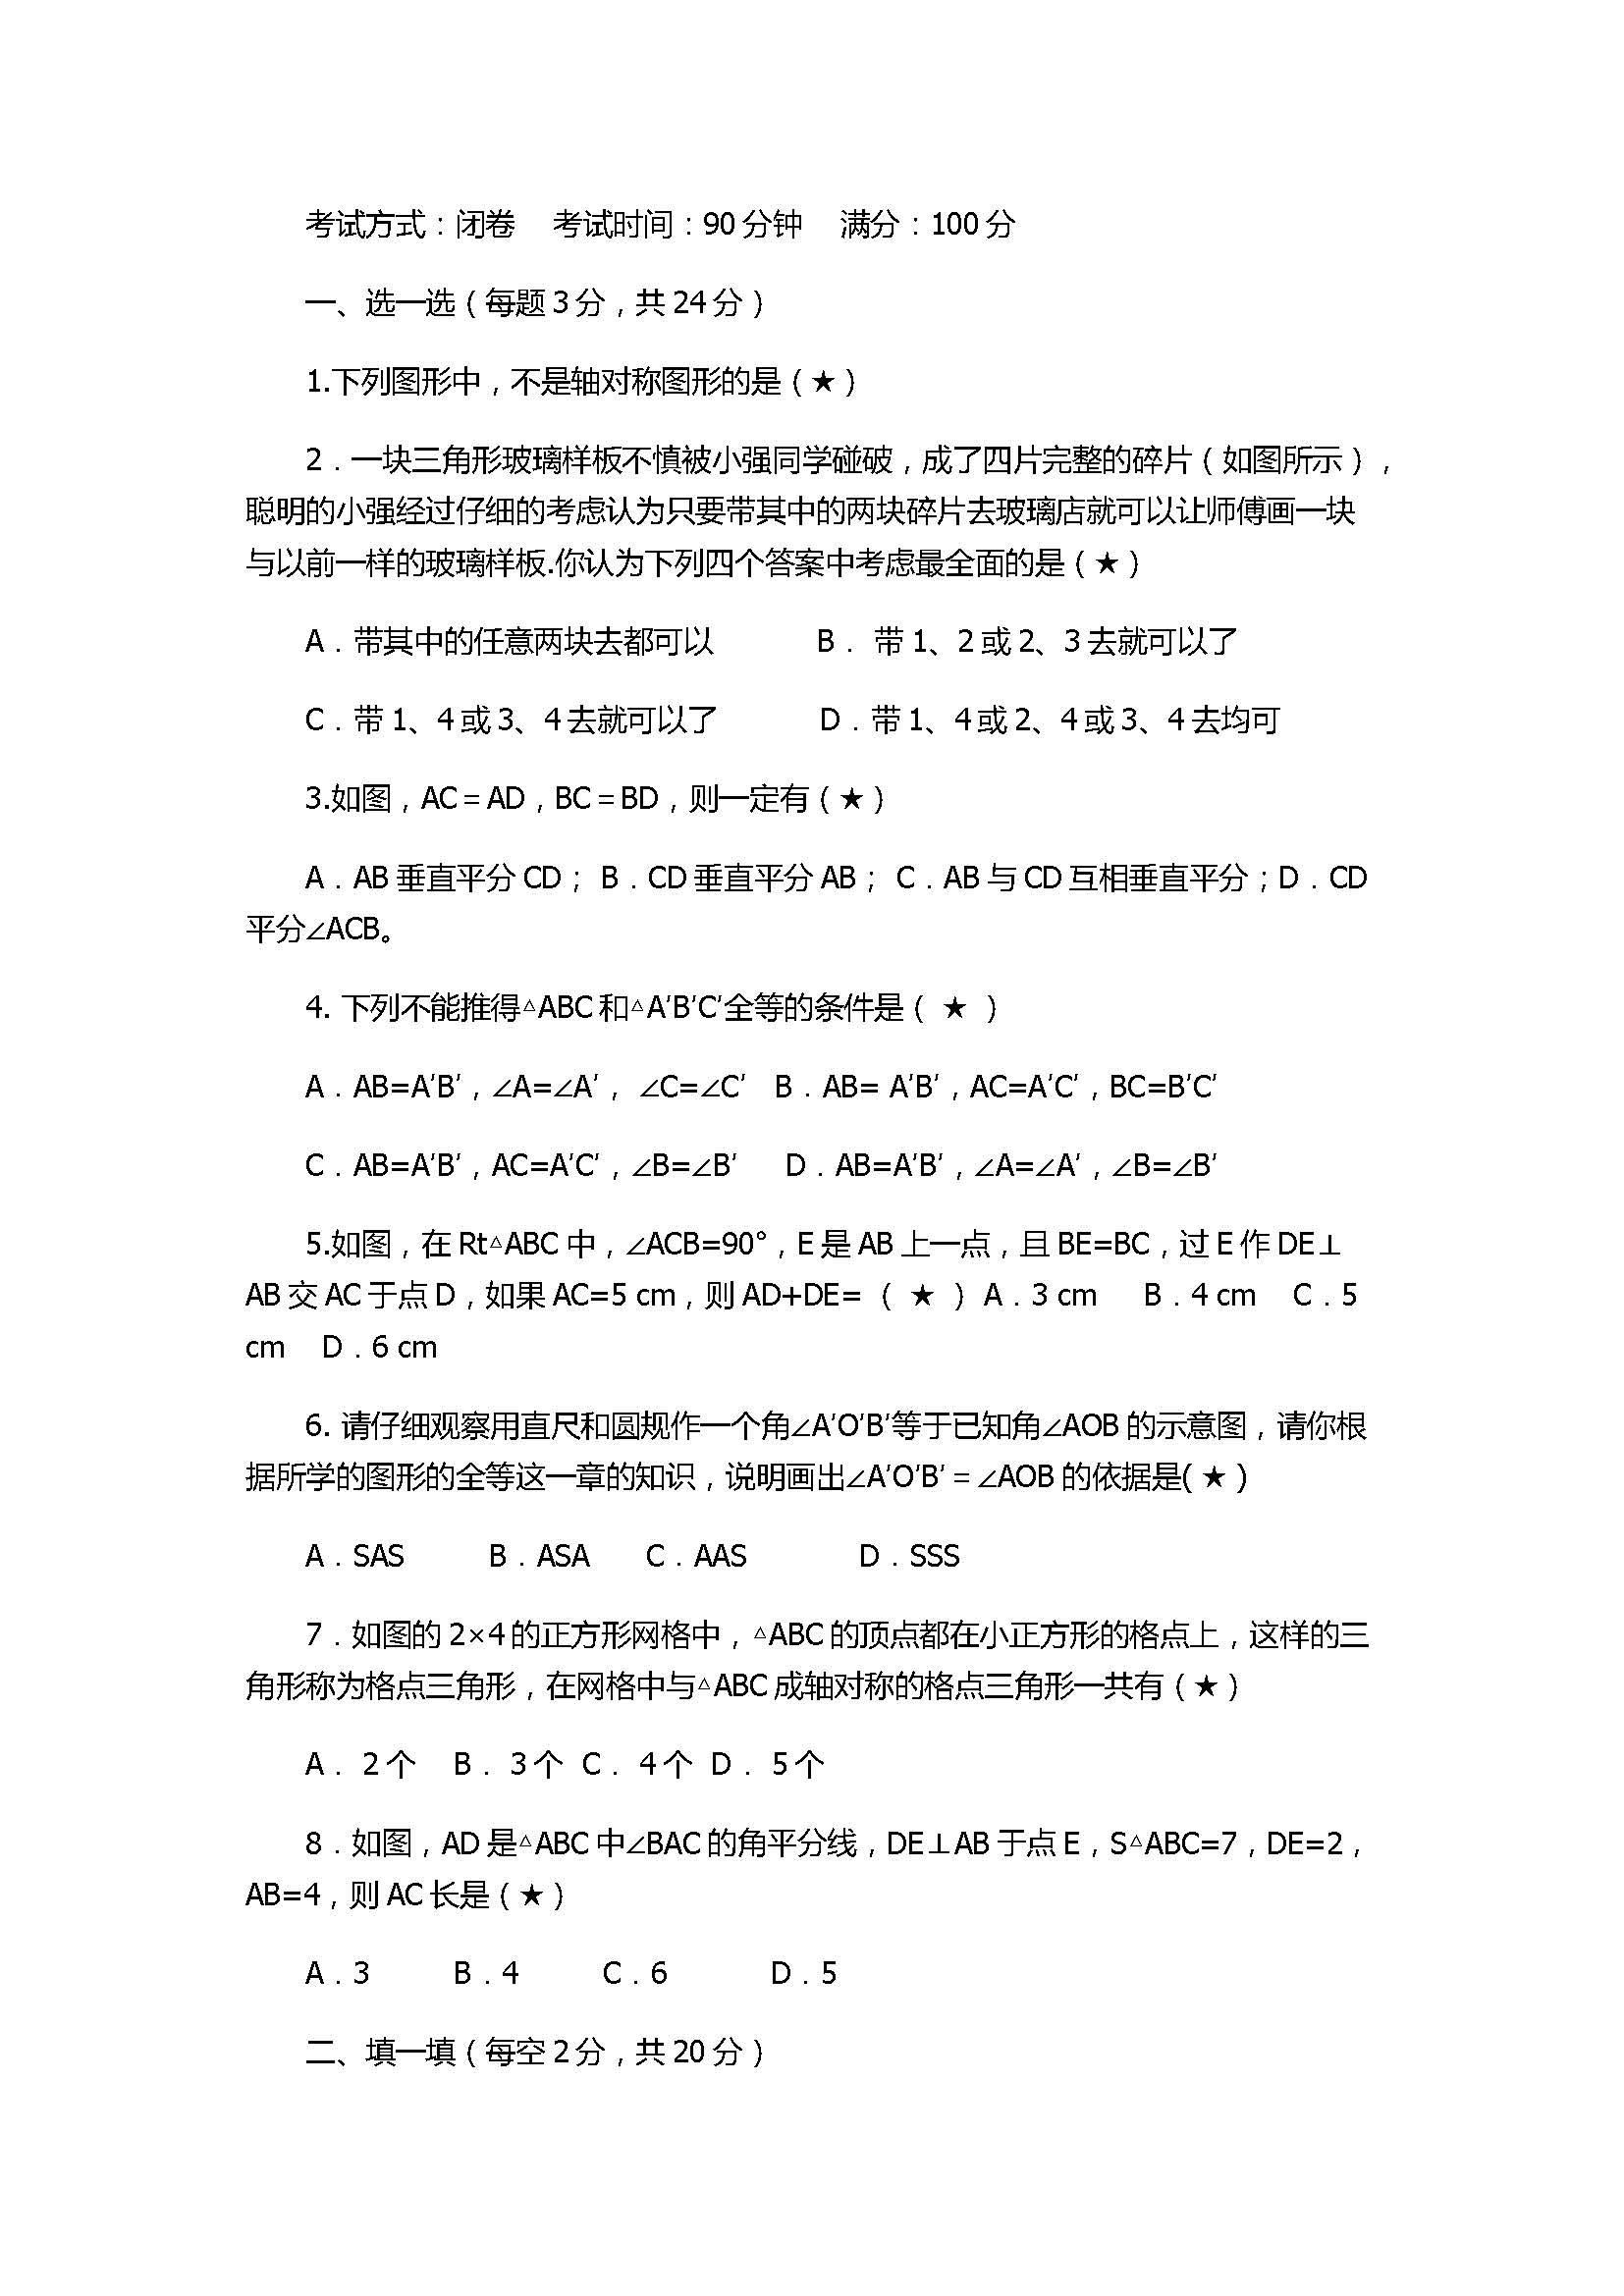 2017八年级数学上册第1次月考测试卷附参考答案(宜兴市周铁学区)